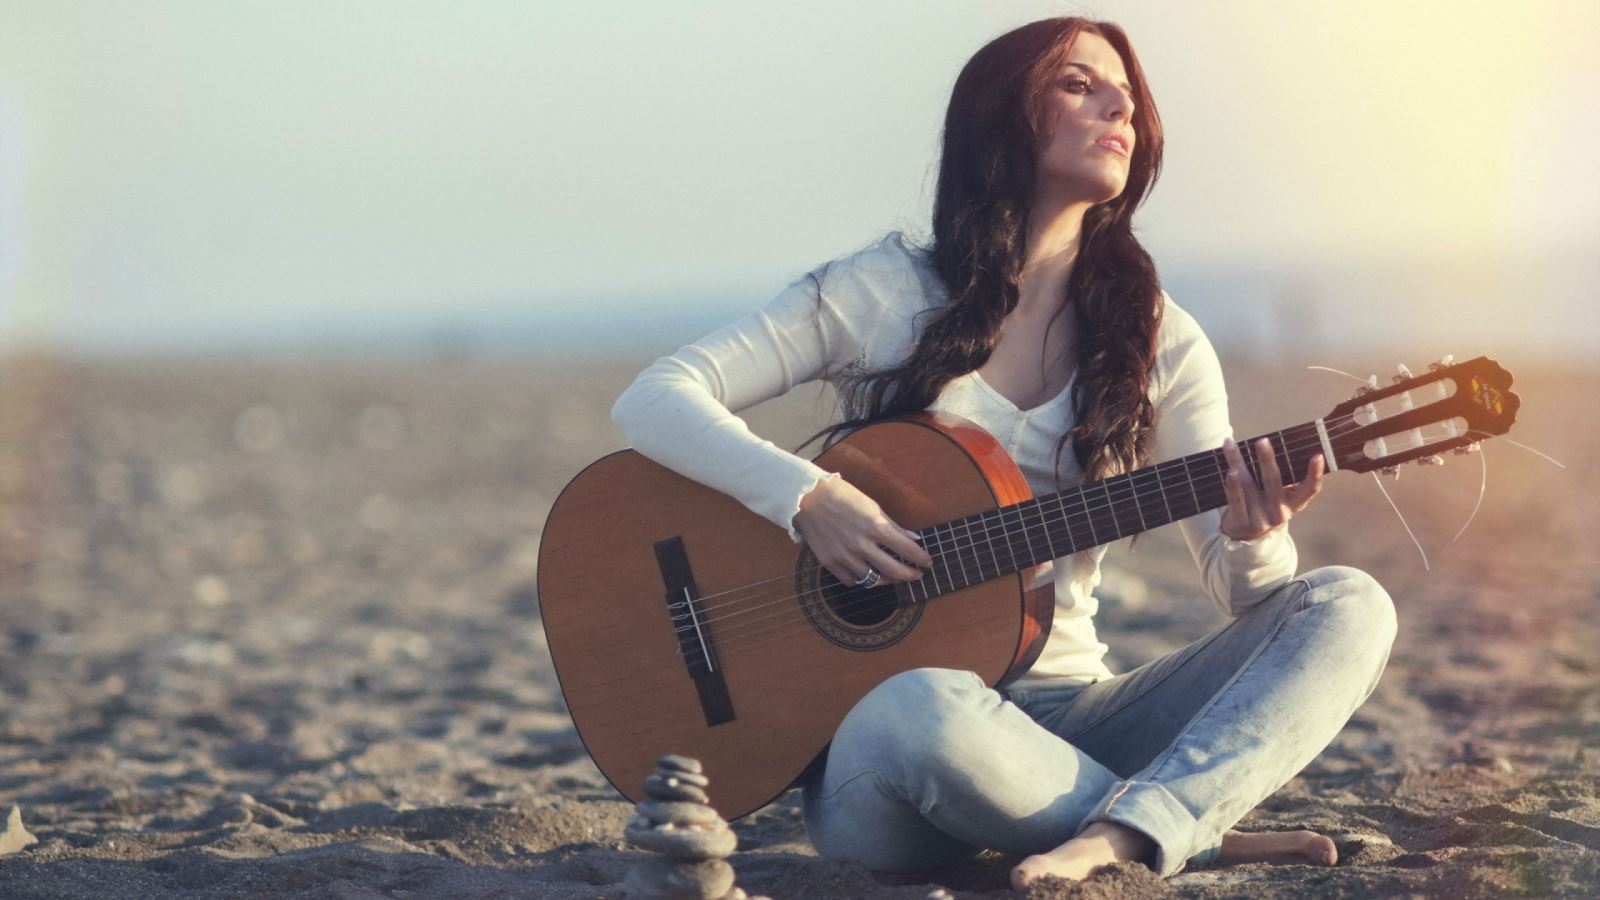 Làm thế nào để học đàn guitar nhanh thành công?